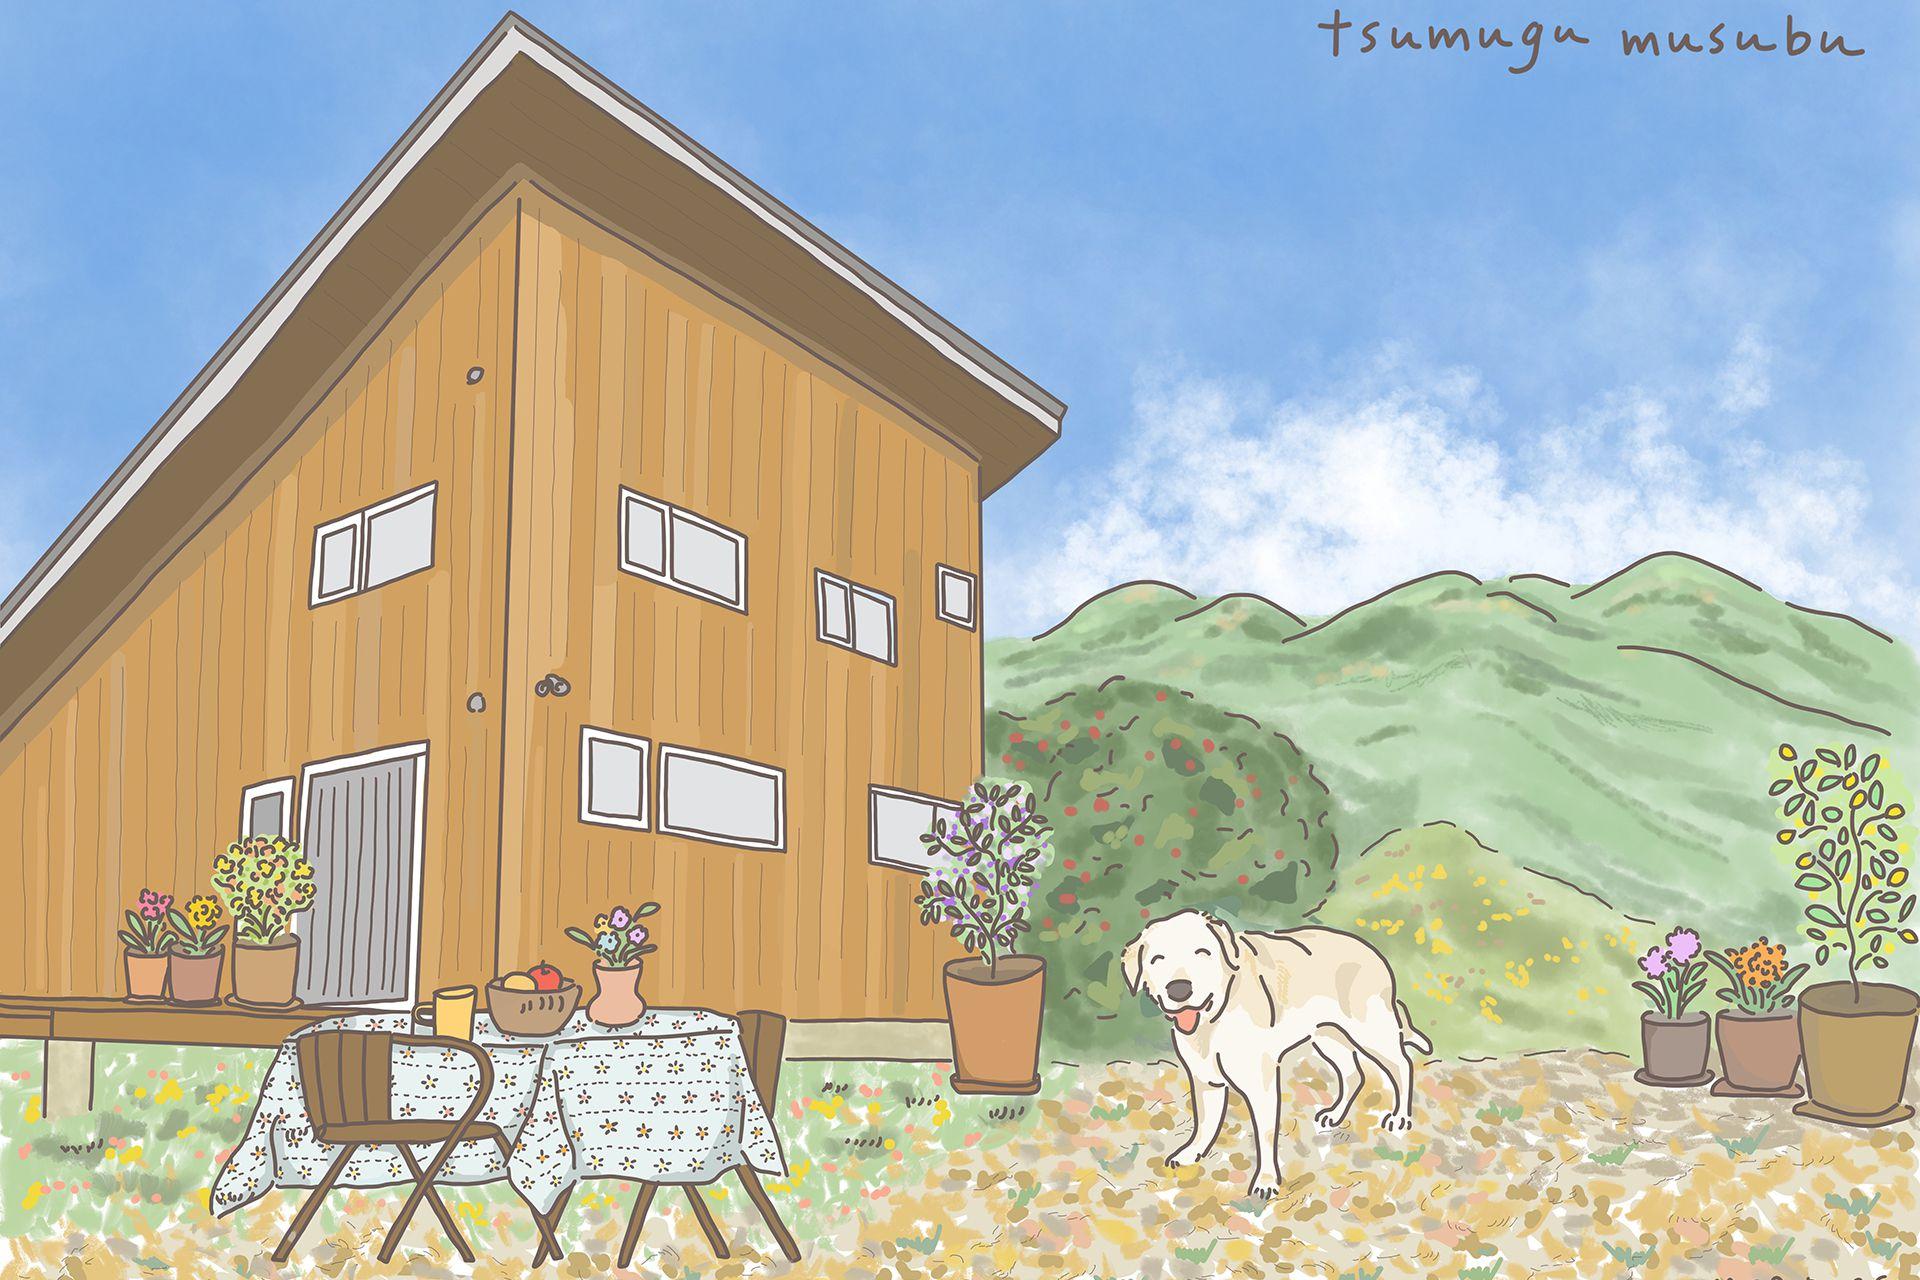 一棟独立 一組限定の犬と宿泊できるホテル